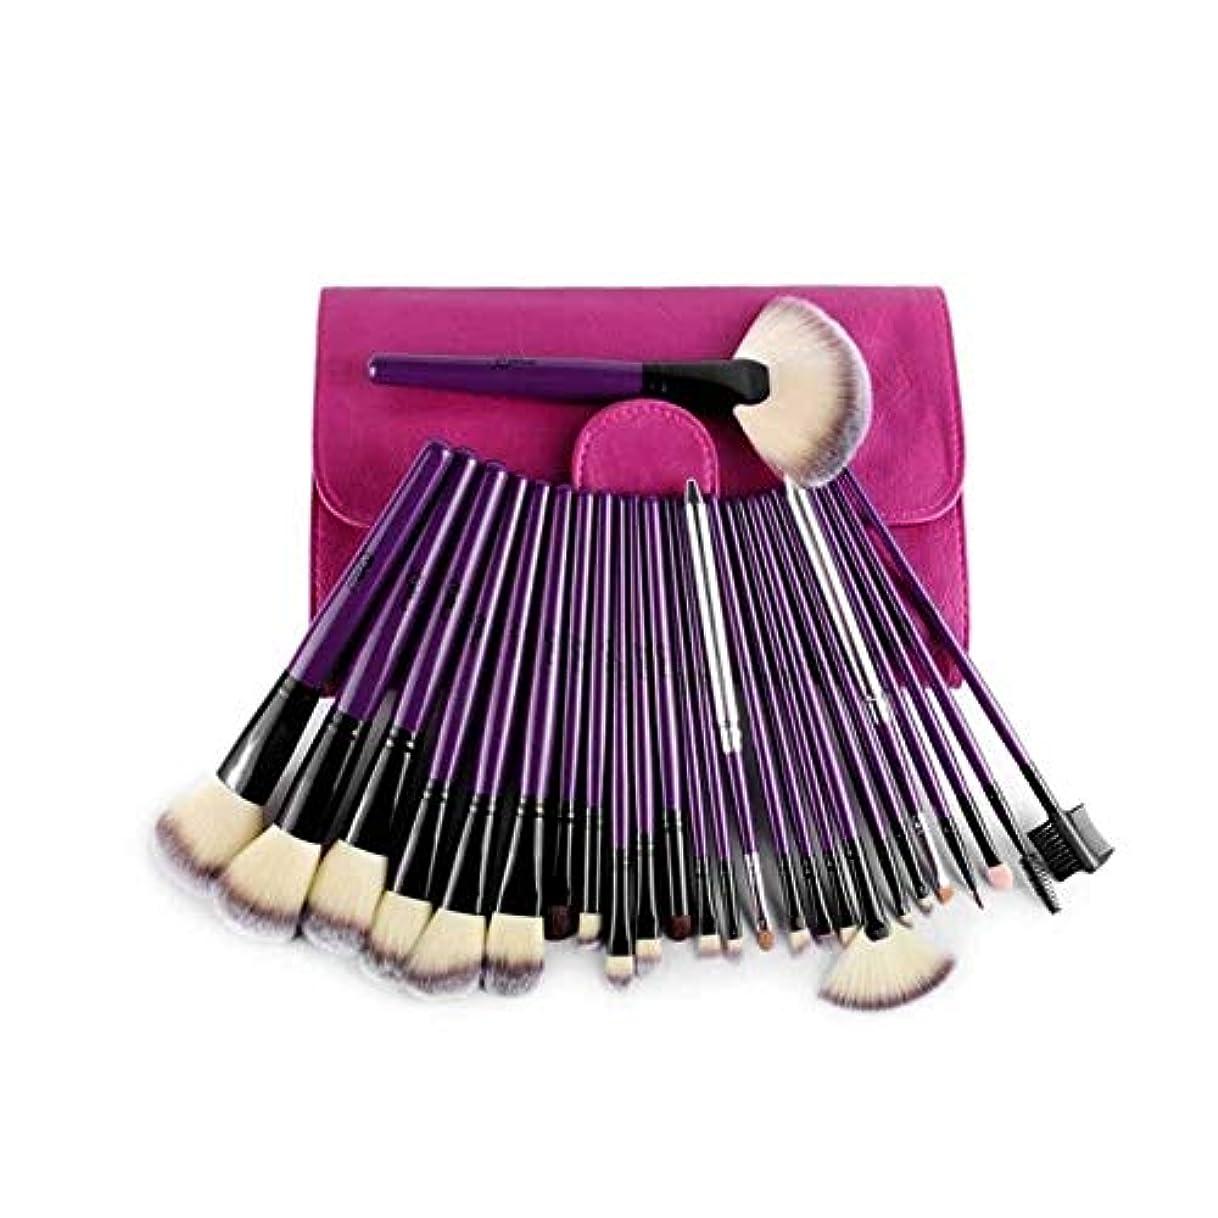 落胆させるフィクション貪欲TUOFL メイクブラシ、24紫のプロフェッショナルメイクブラシセット、ブラシを設定メイクアップツールの専門フルセット、簡単に運ぶために (Color : Purple)